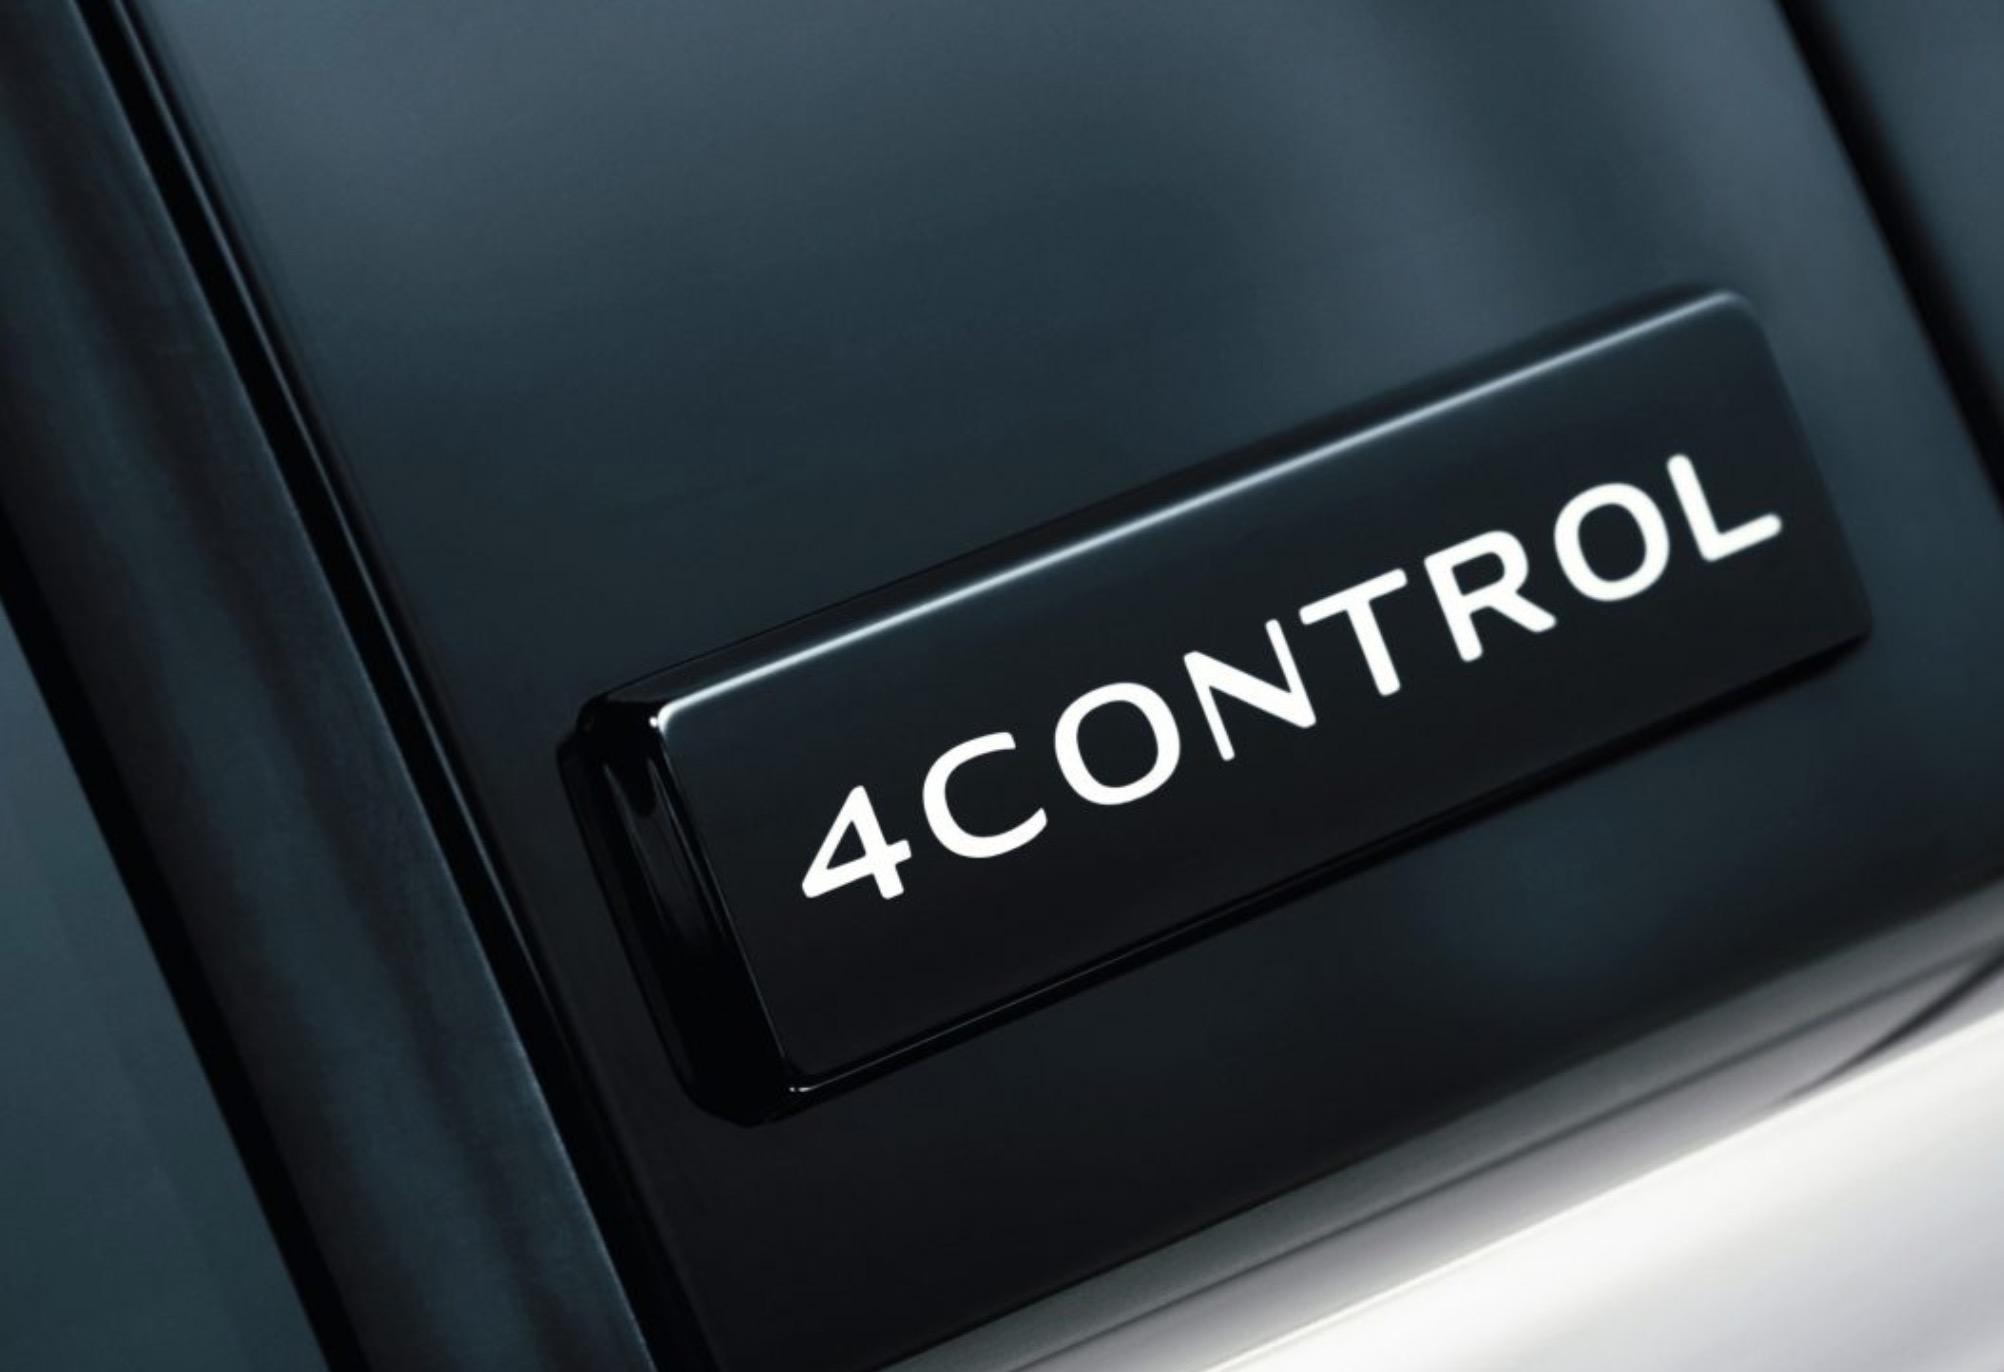 Renault 4CONTROL Quattro Ruote Sterzanti